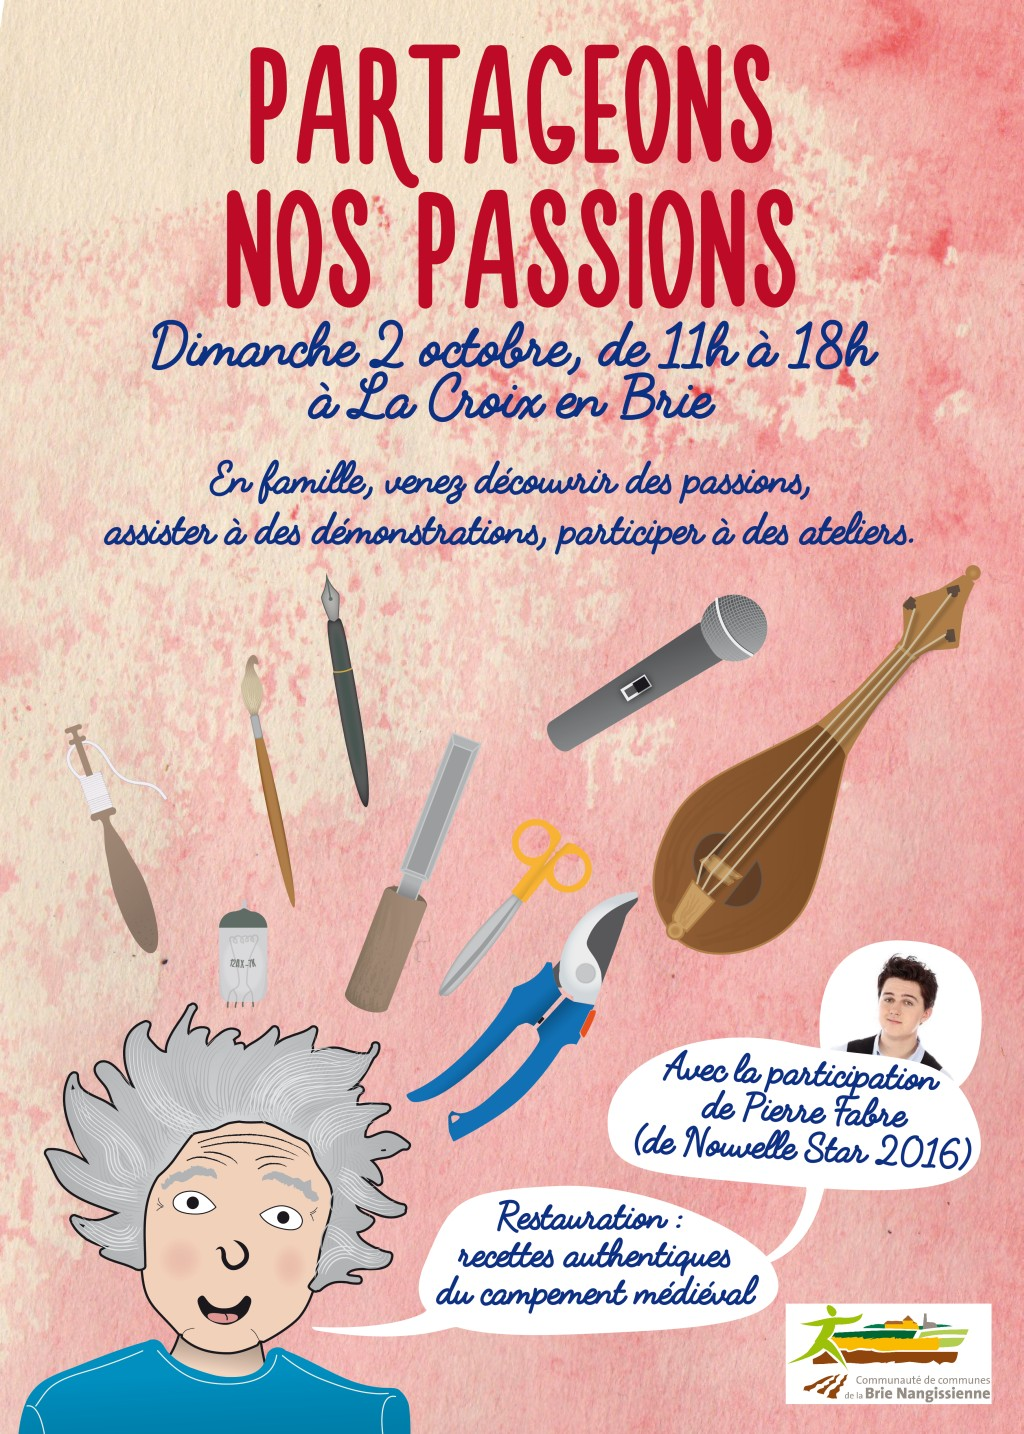 Partageons nos passions - Affiche